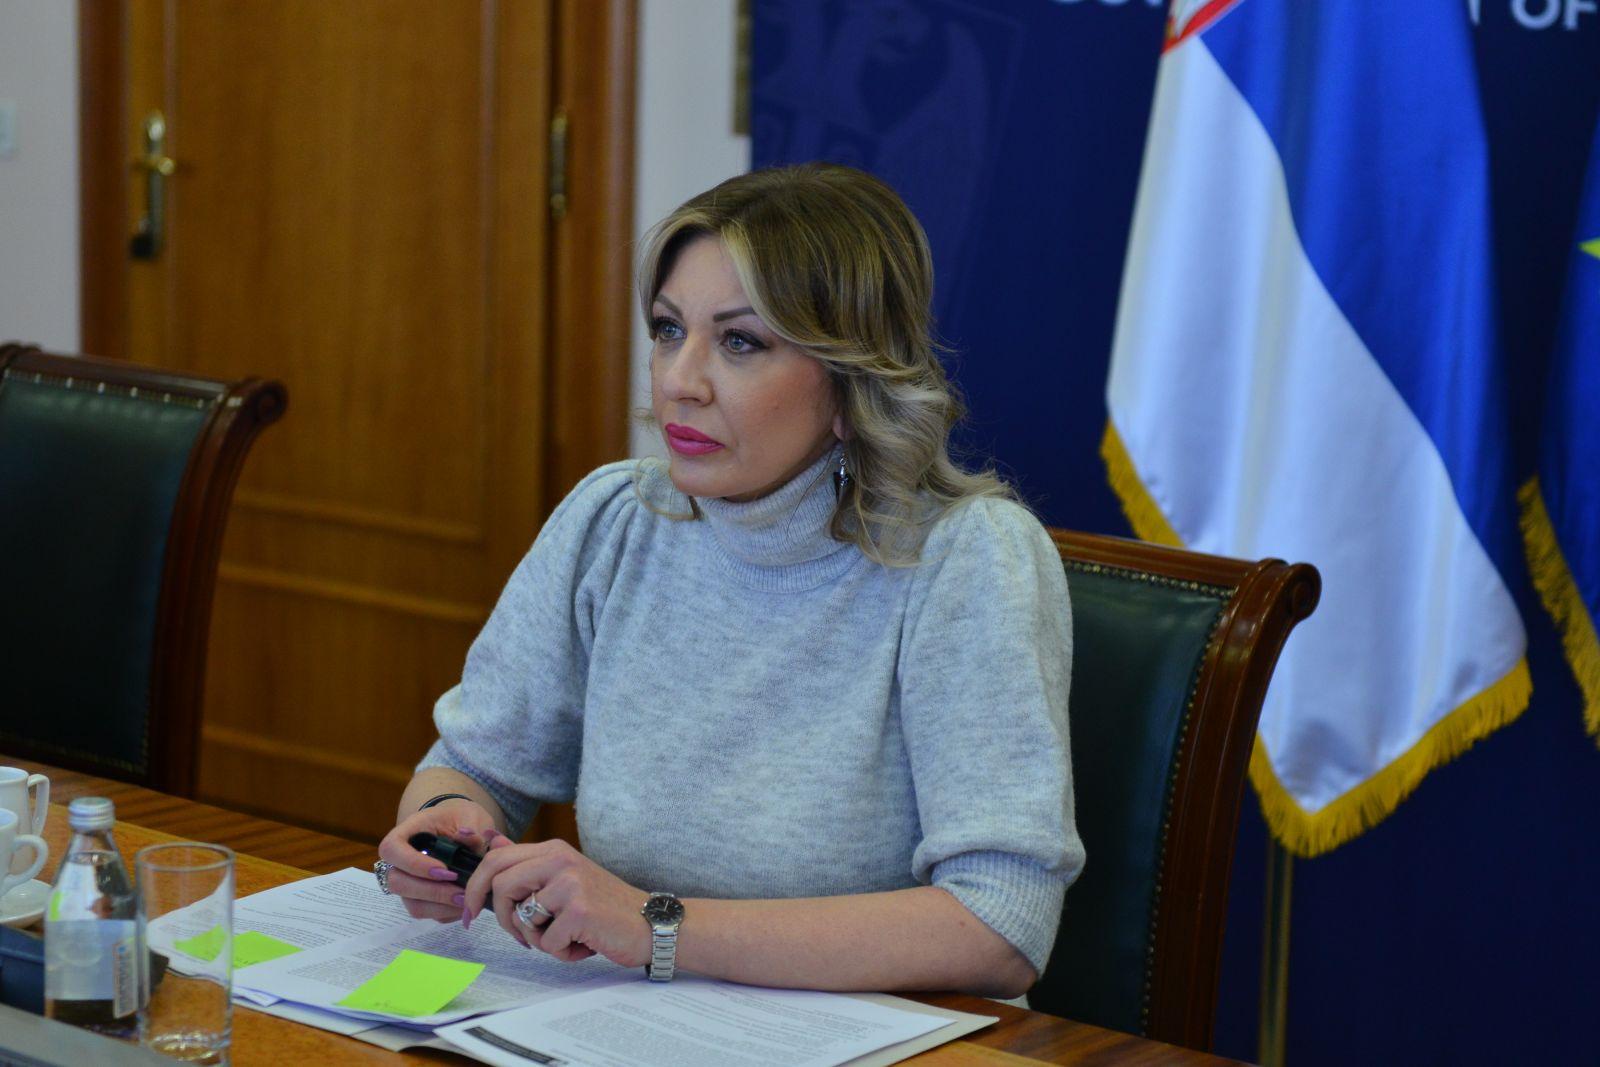 Ј. Јоксимовић на вебинару о Србији Института Клигендал из Хага